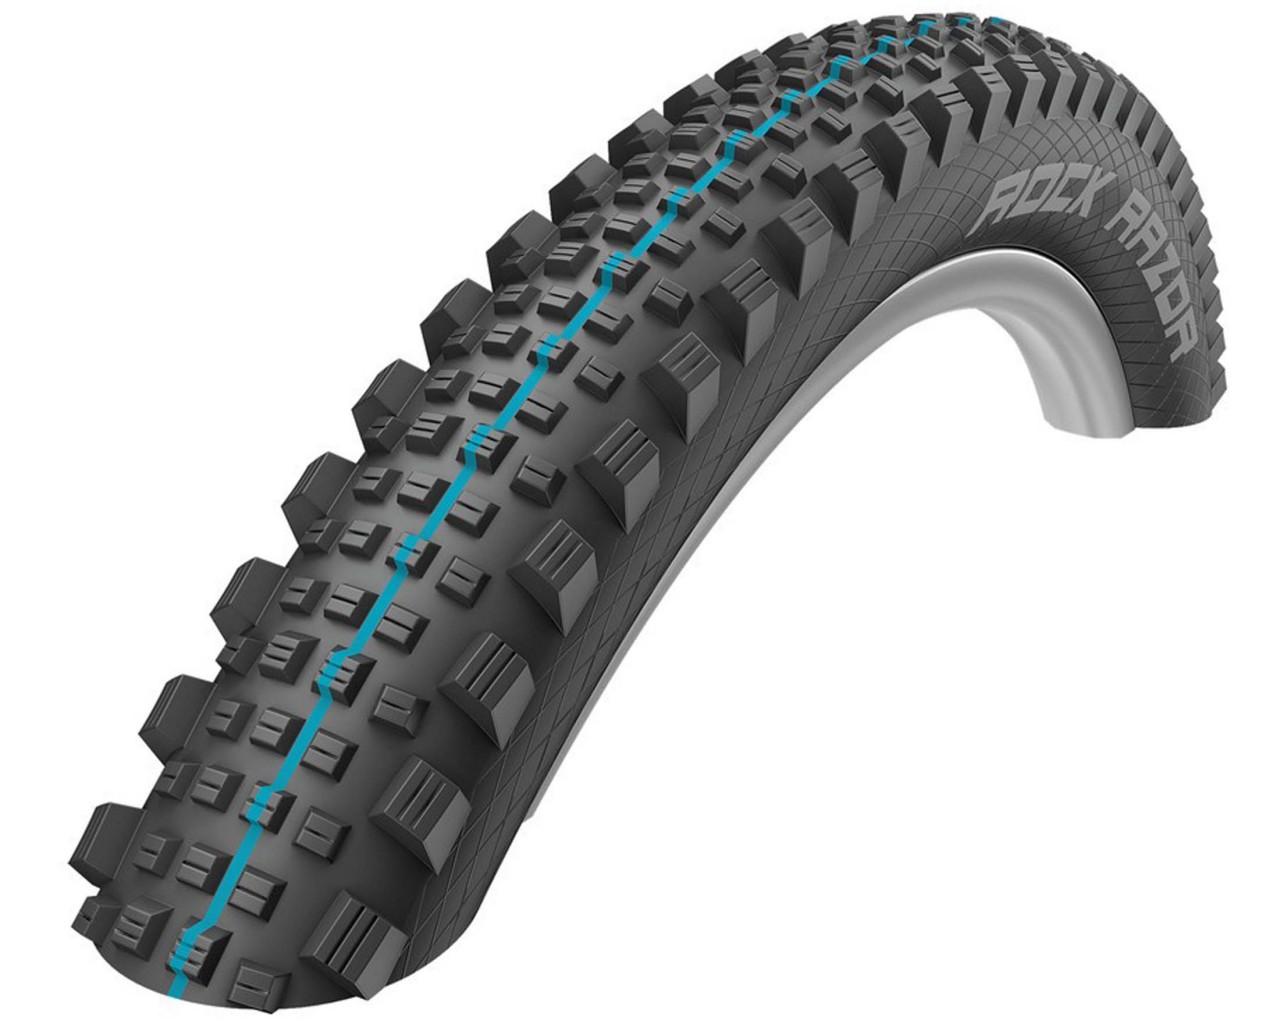 Schwalbe tires Rock Razor Evolution 29 x 2.35 - SnakeSkin, TL-Easy, foldable   black